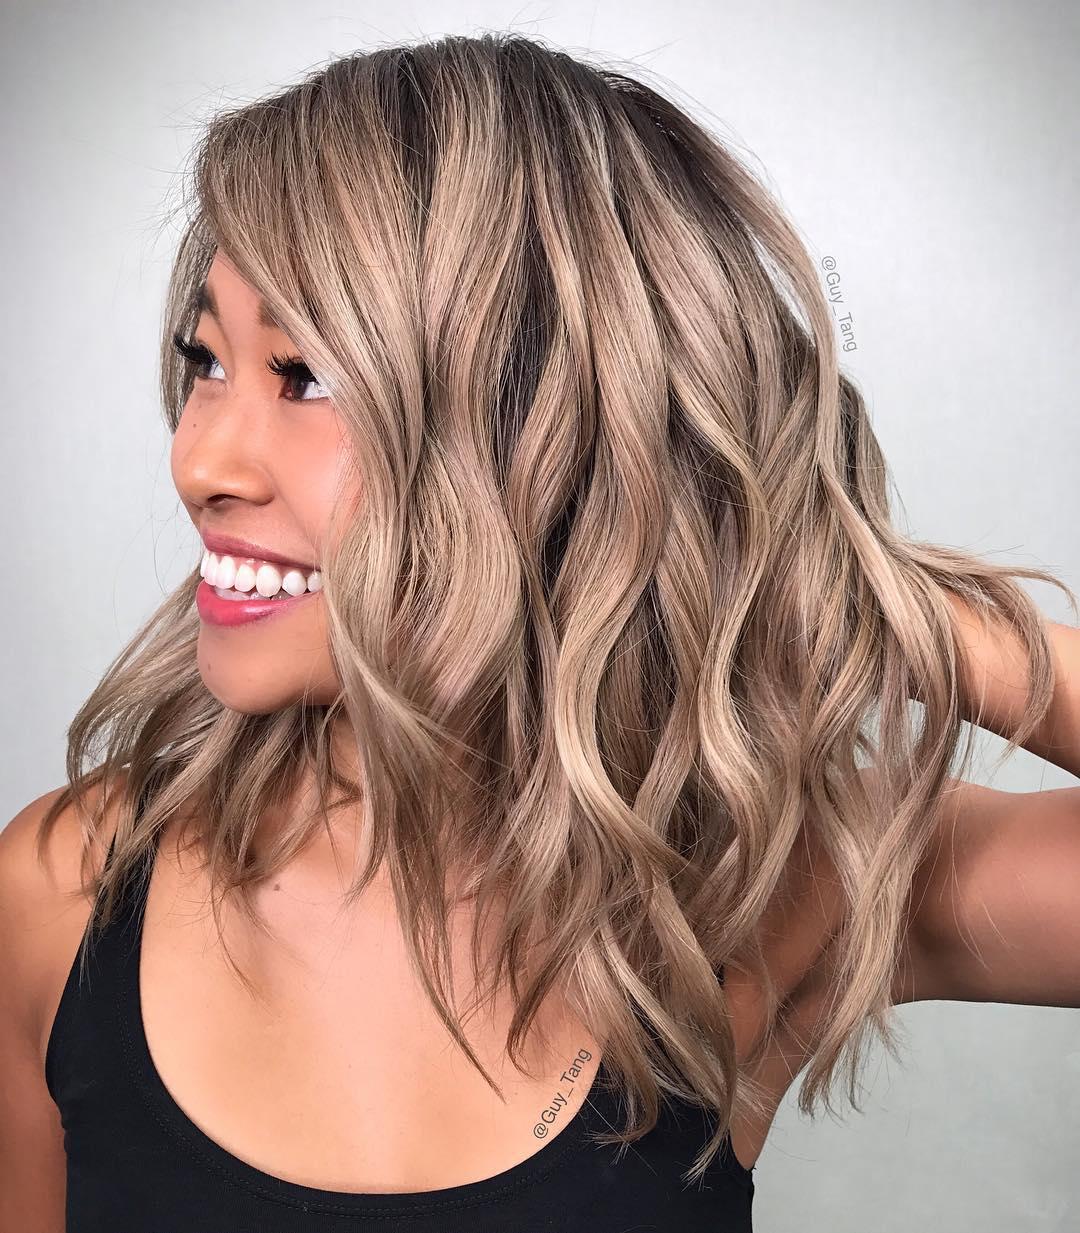 Изображение - Укладка волос средней длины proxy?url=https%3A%2F%2Fratatum.com%2Fwp-content%2Fuploads%2F2018%2F07%2F1c8762f7813e30313434c9edc33d59c1